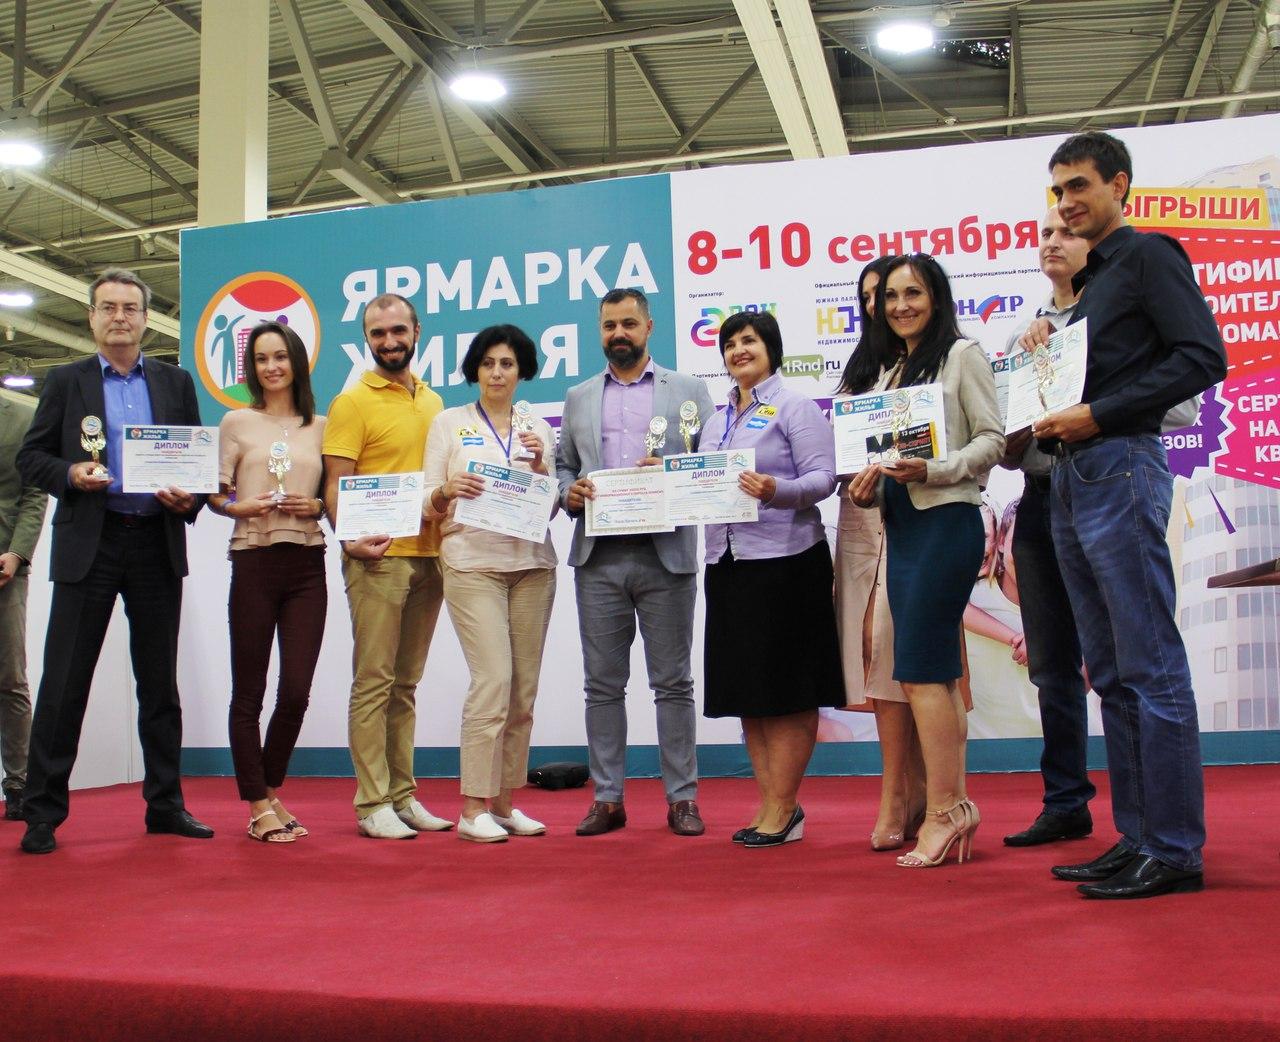 Больше 4 000 ростовчан смогли встретиться с ведущими застройщиками области на «Ярмарке жилья»